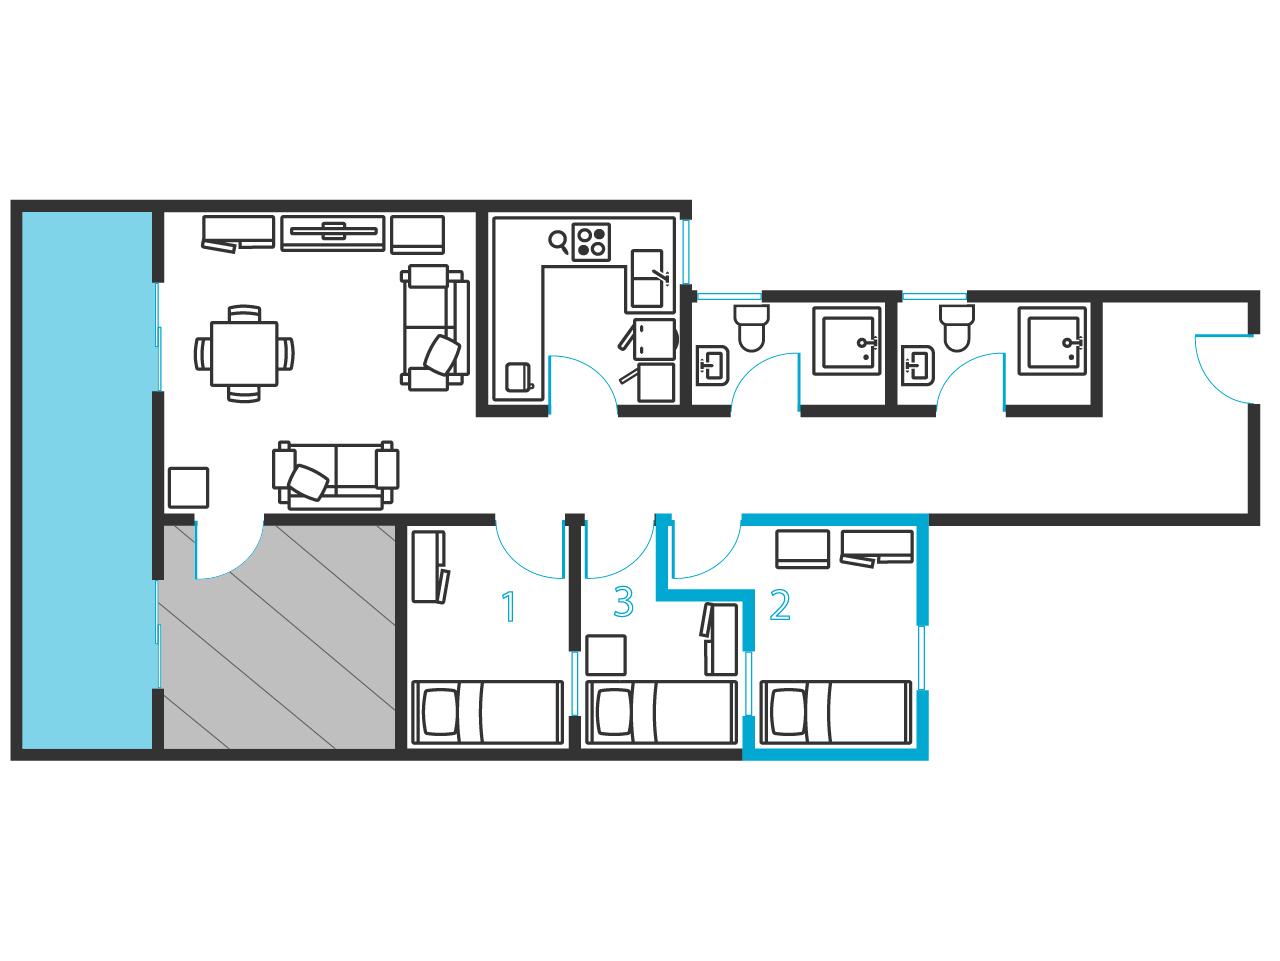 Comfortabele een slaapkamer dicht bij iub nefc barcelona ref 30205 350 met inclusief g w l - Plan slaapkamer kleedkamer ...